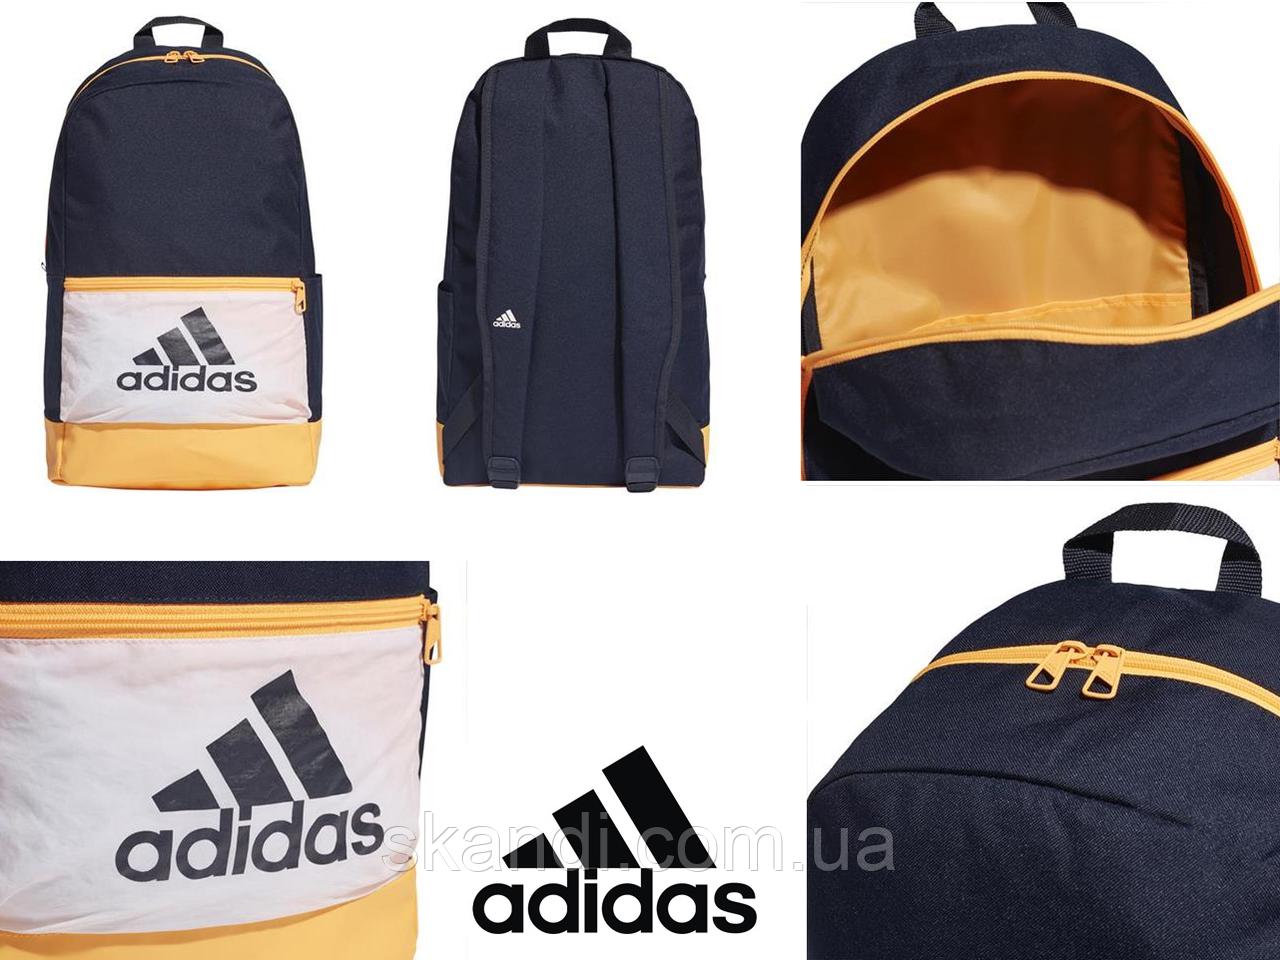 Рюкзак adidas Classic (Оригинал)